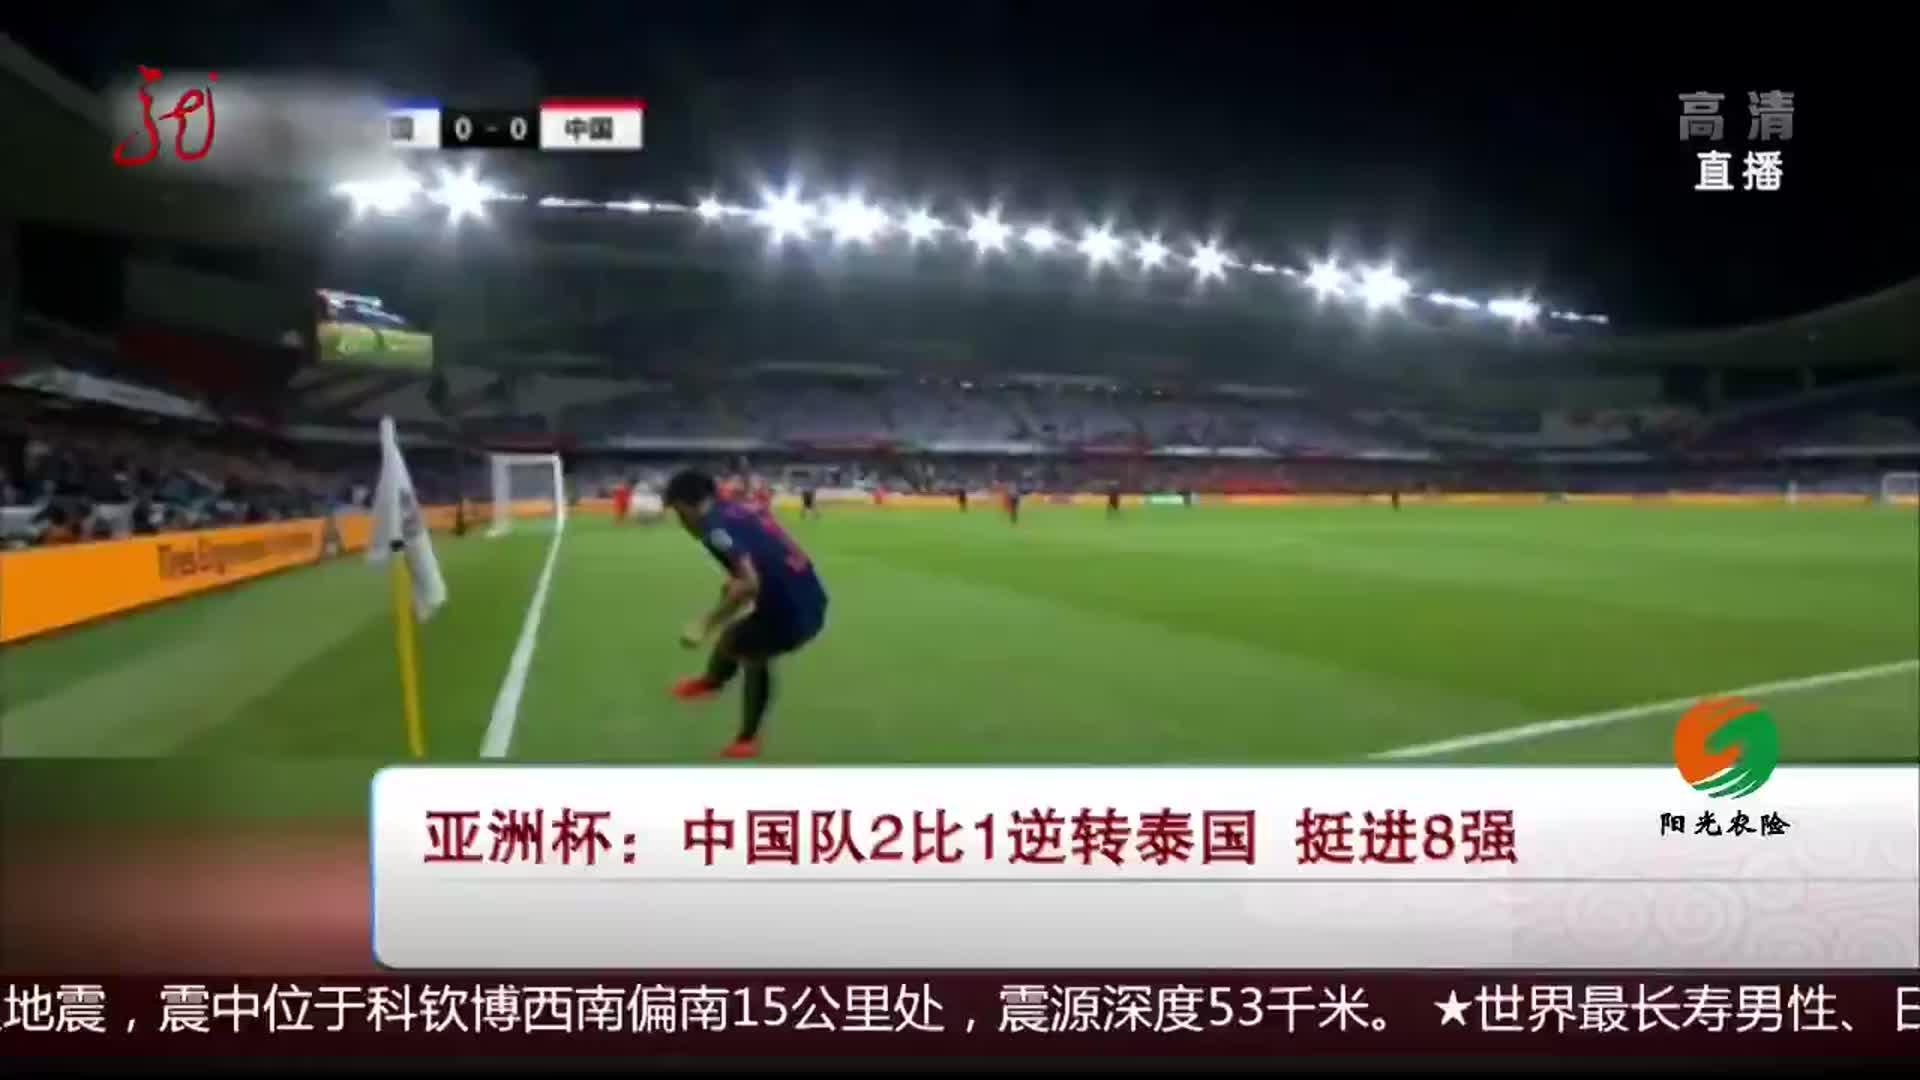 中国队2比1逆转泰国 挺进8强